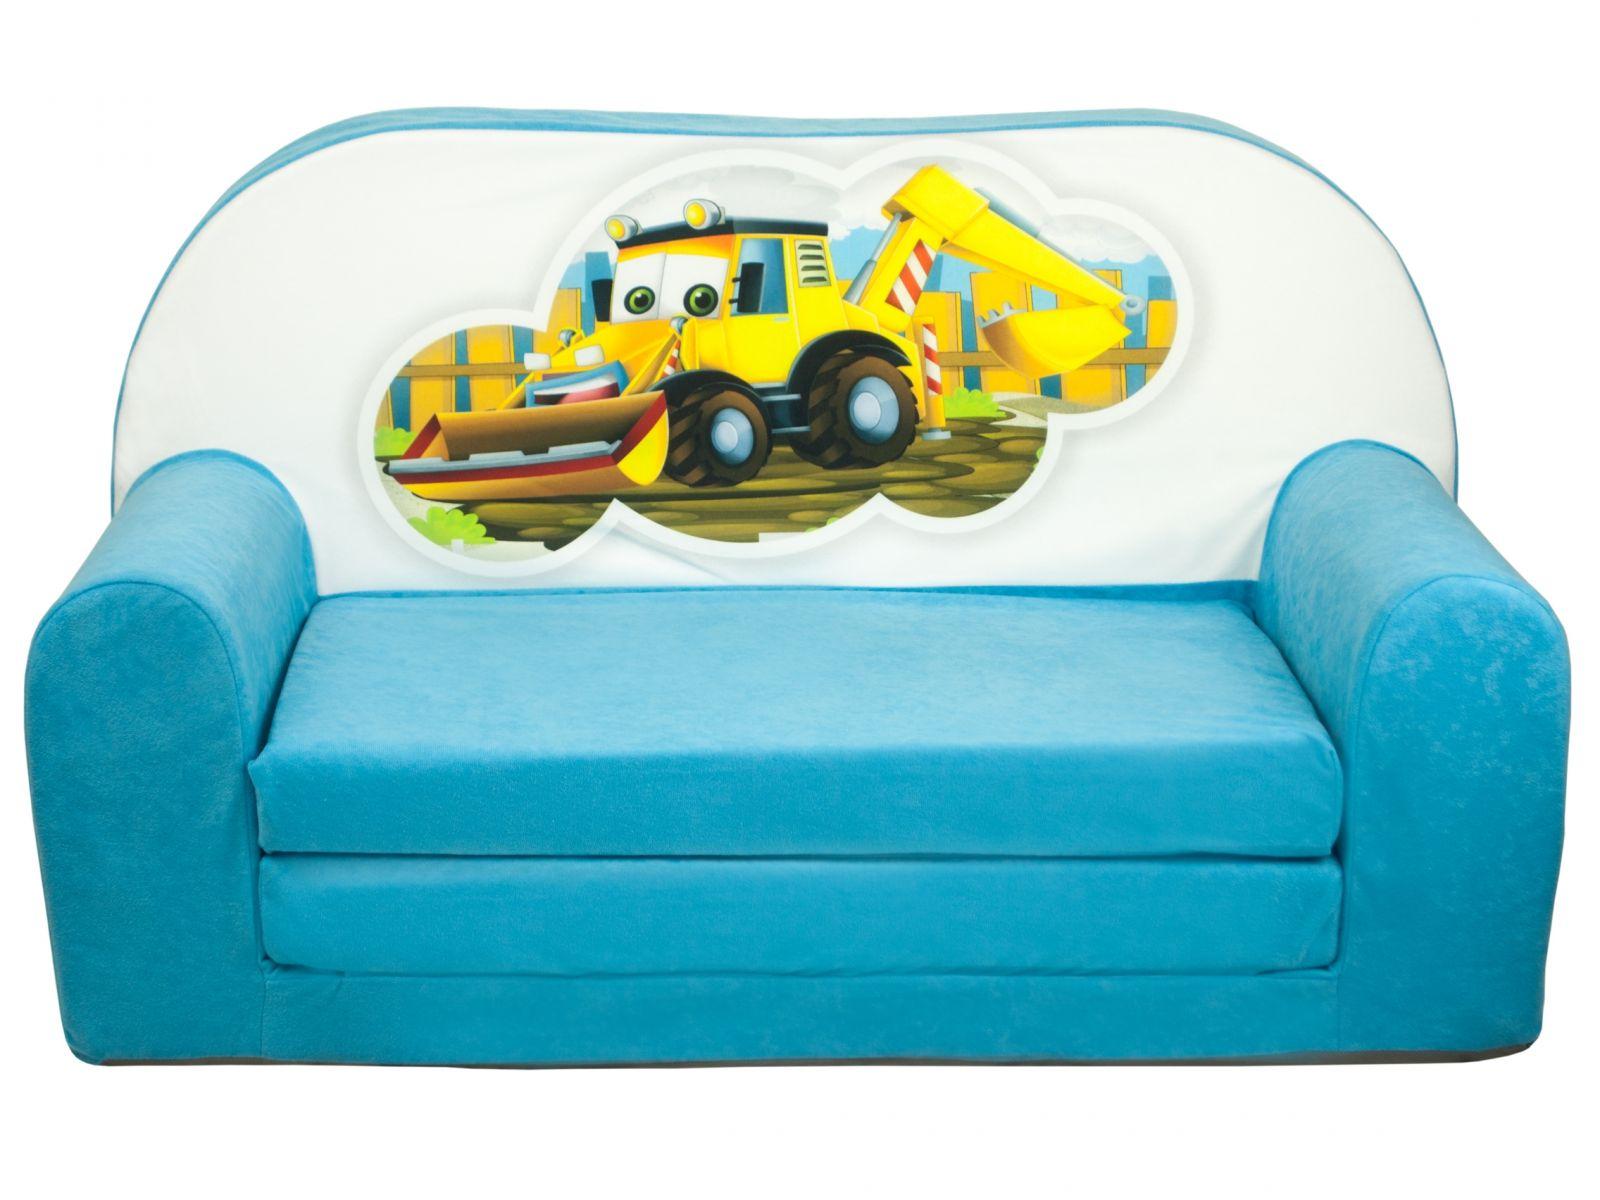 Fimex Dětská rozkládací mini pohovka Bagr světle modrá